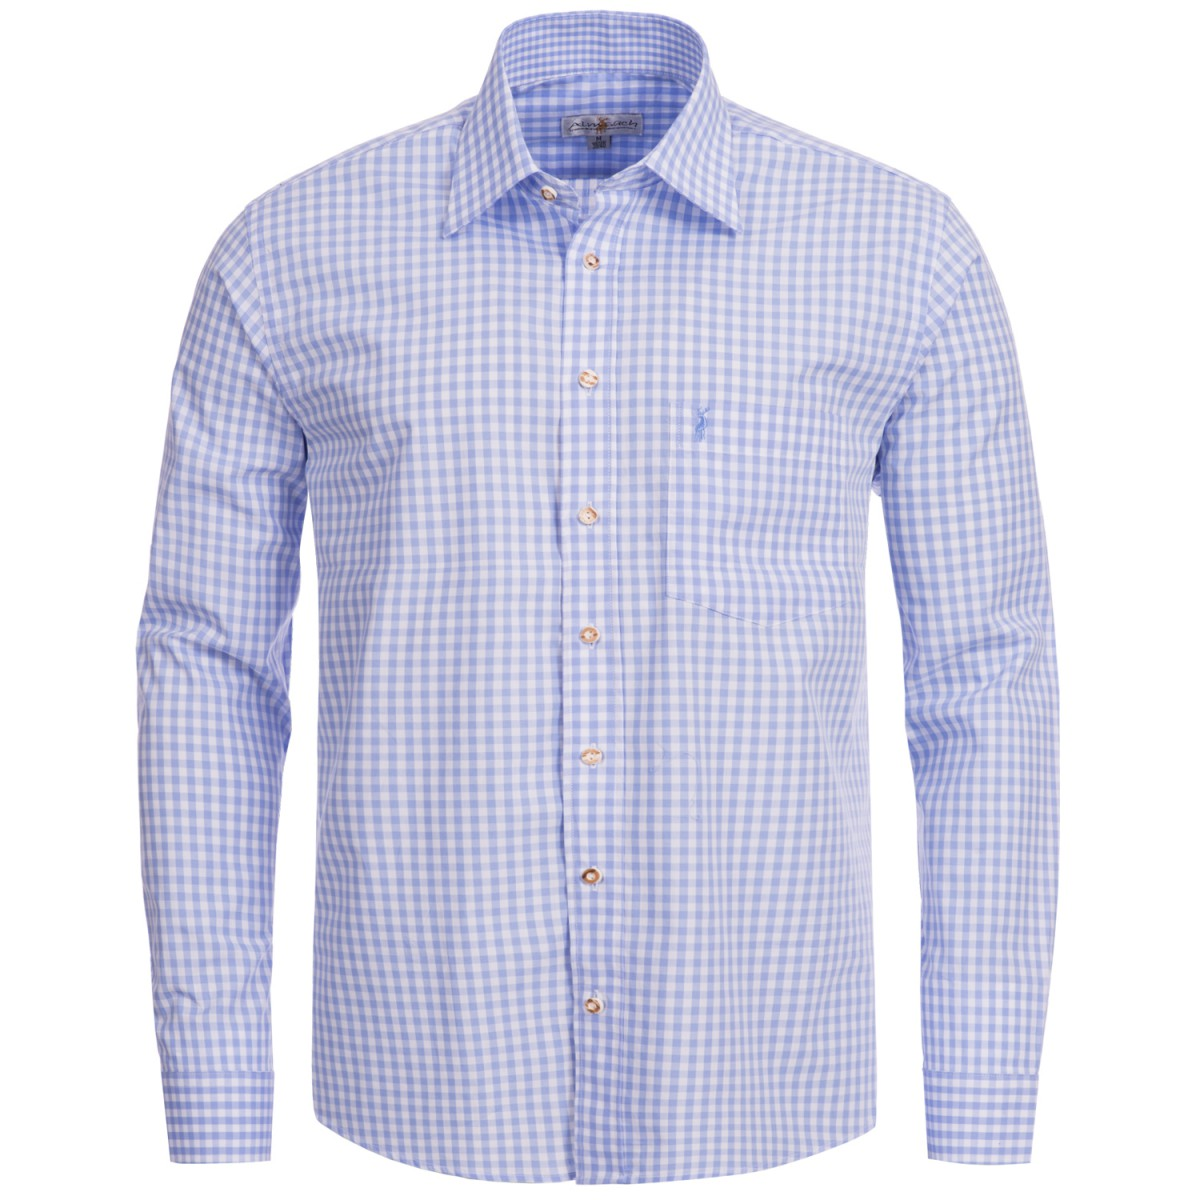 Trachtenhemd Regular Fit in Hellblau von Almsach günstig online kaufen